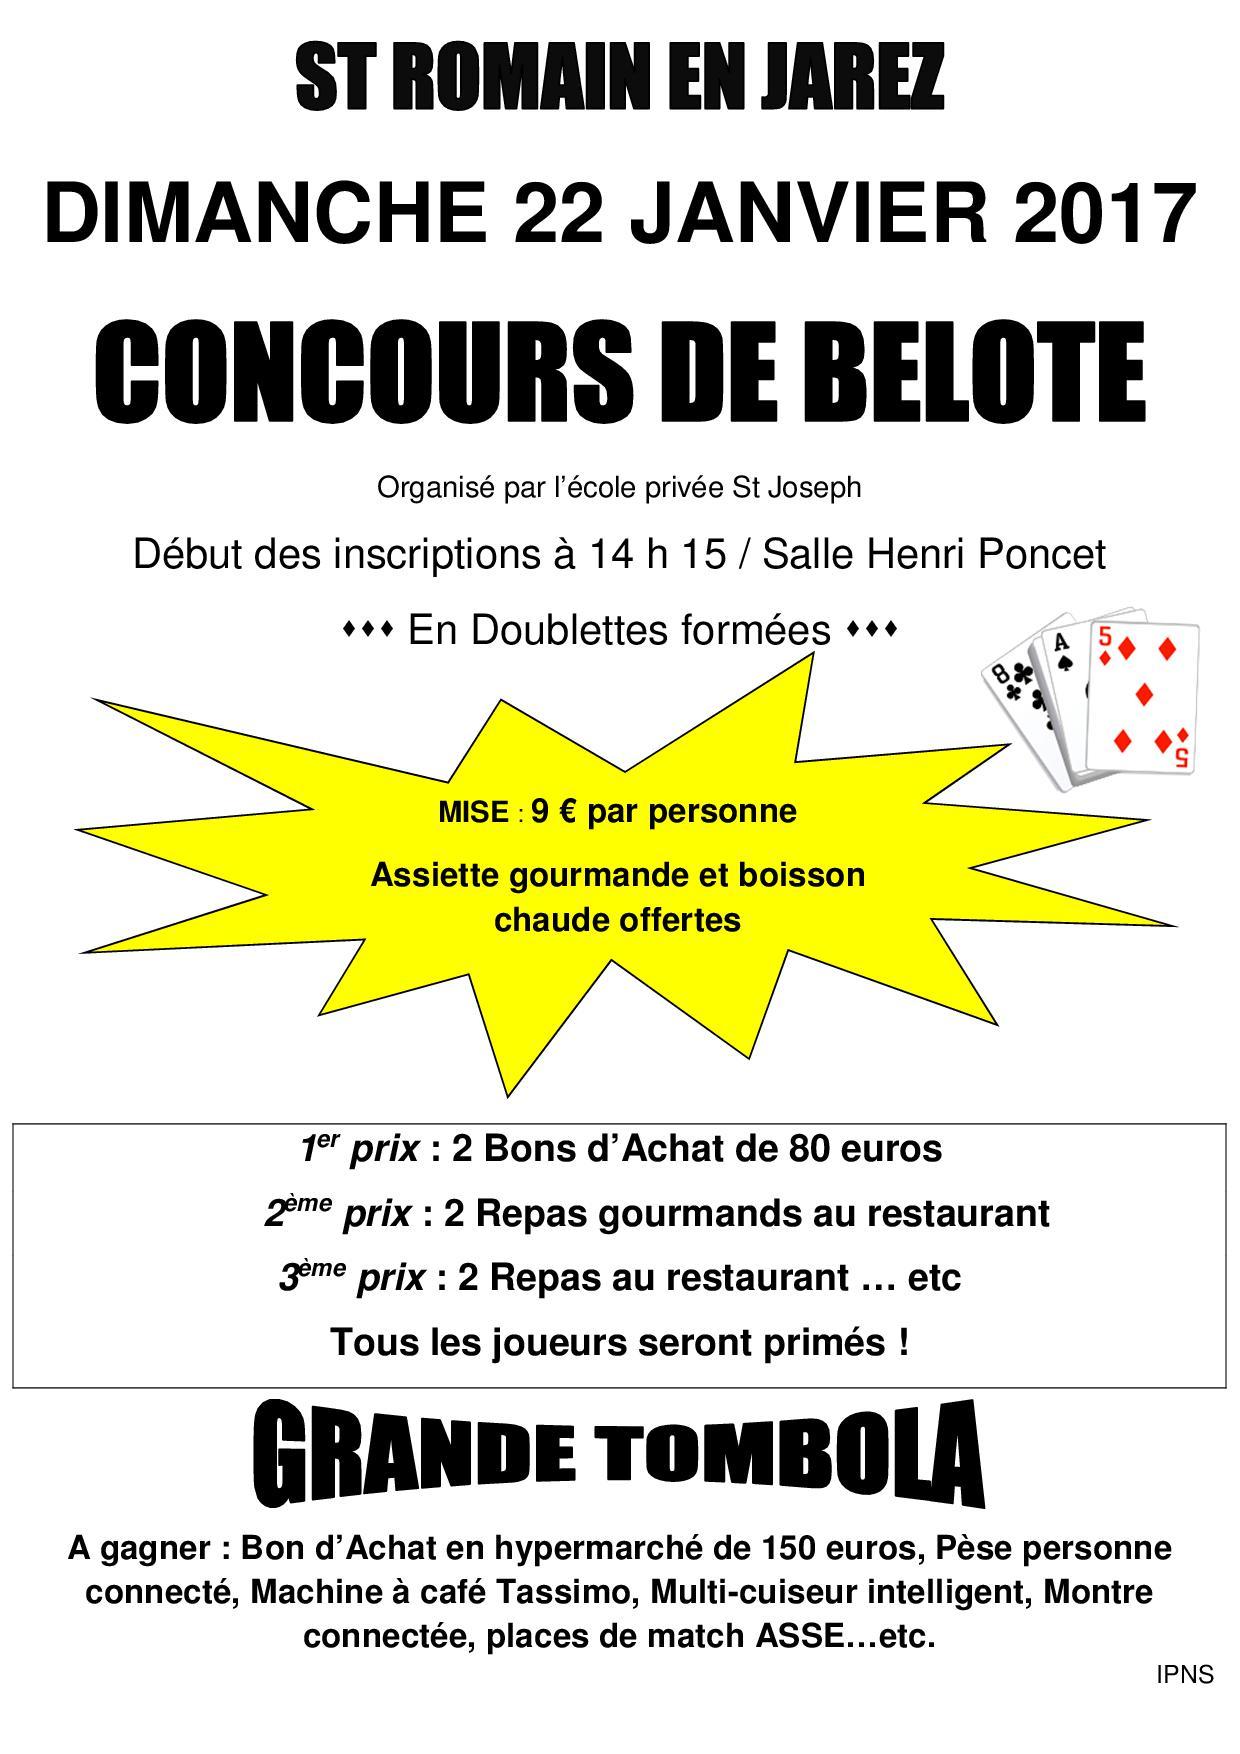 Concours de belote dimanche 22 janvier 2017 à St Romain en Jarez